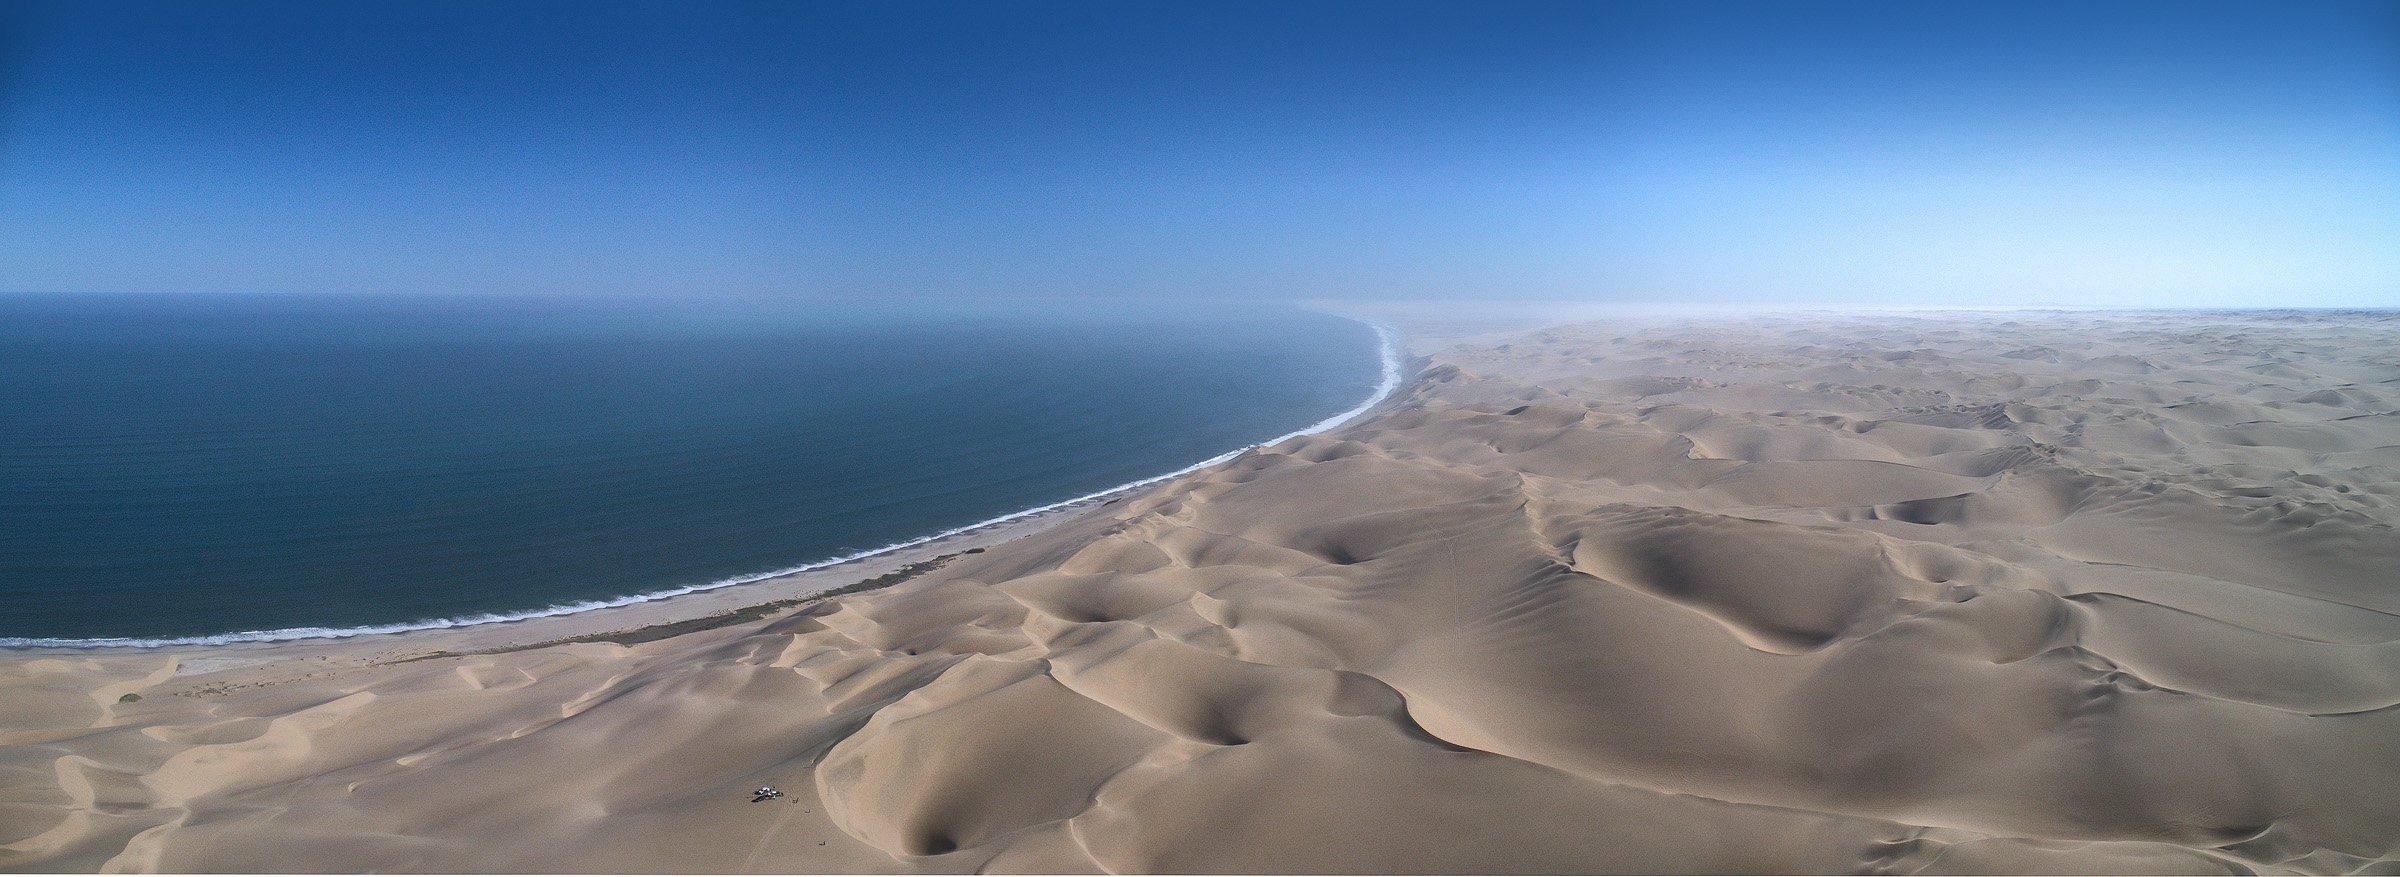 намибия, пустыня, пески, дюны, берег скелетов, анлантика, африка, дрон, панорама, съемка с воздуха, Alex Mimo